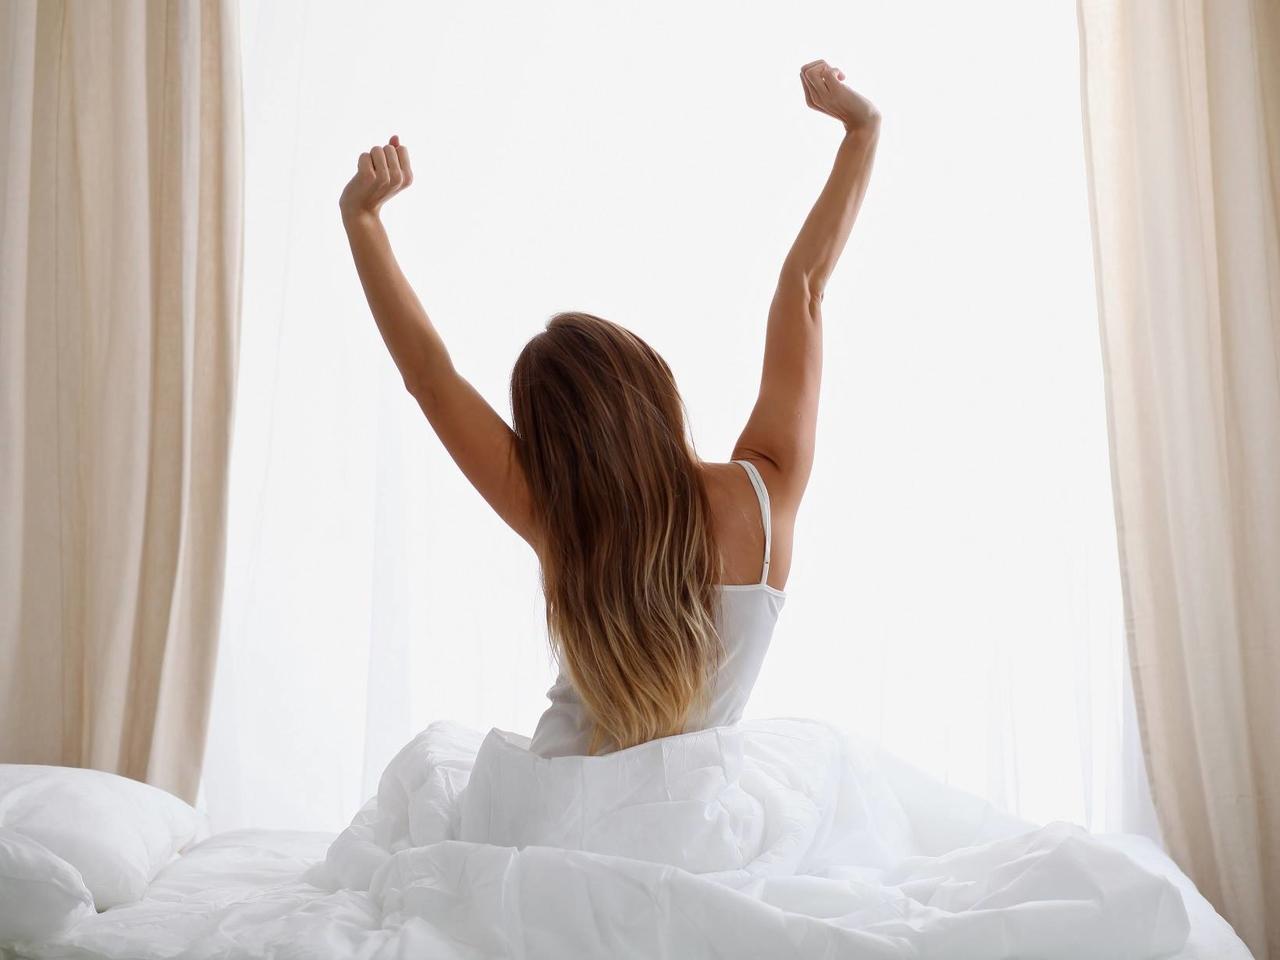 uykusundan uyanıp gerinen kadının sırtı, güzellik uykusundan uyanan uzun saçlı kadın